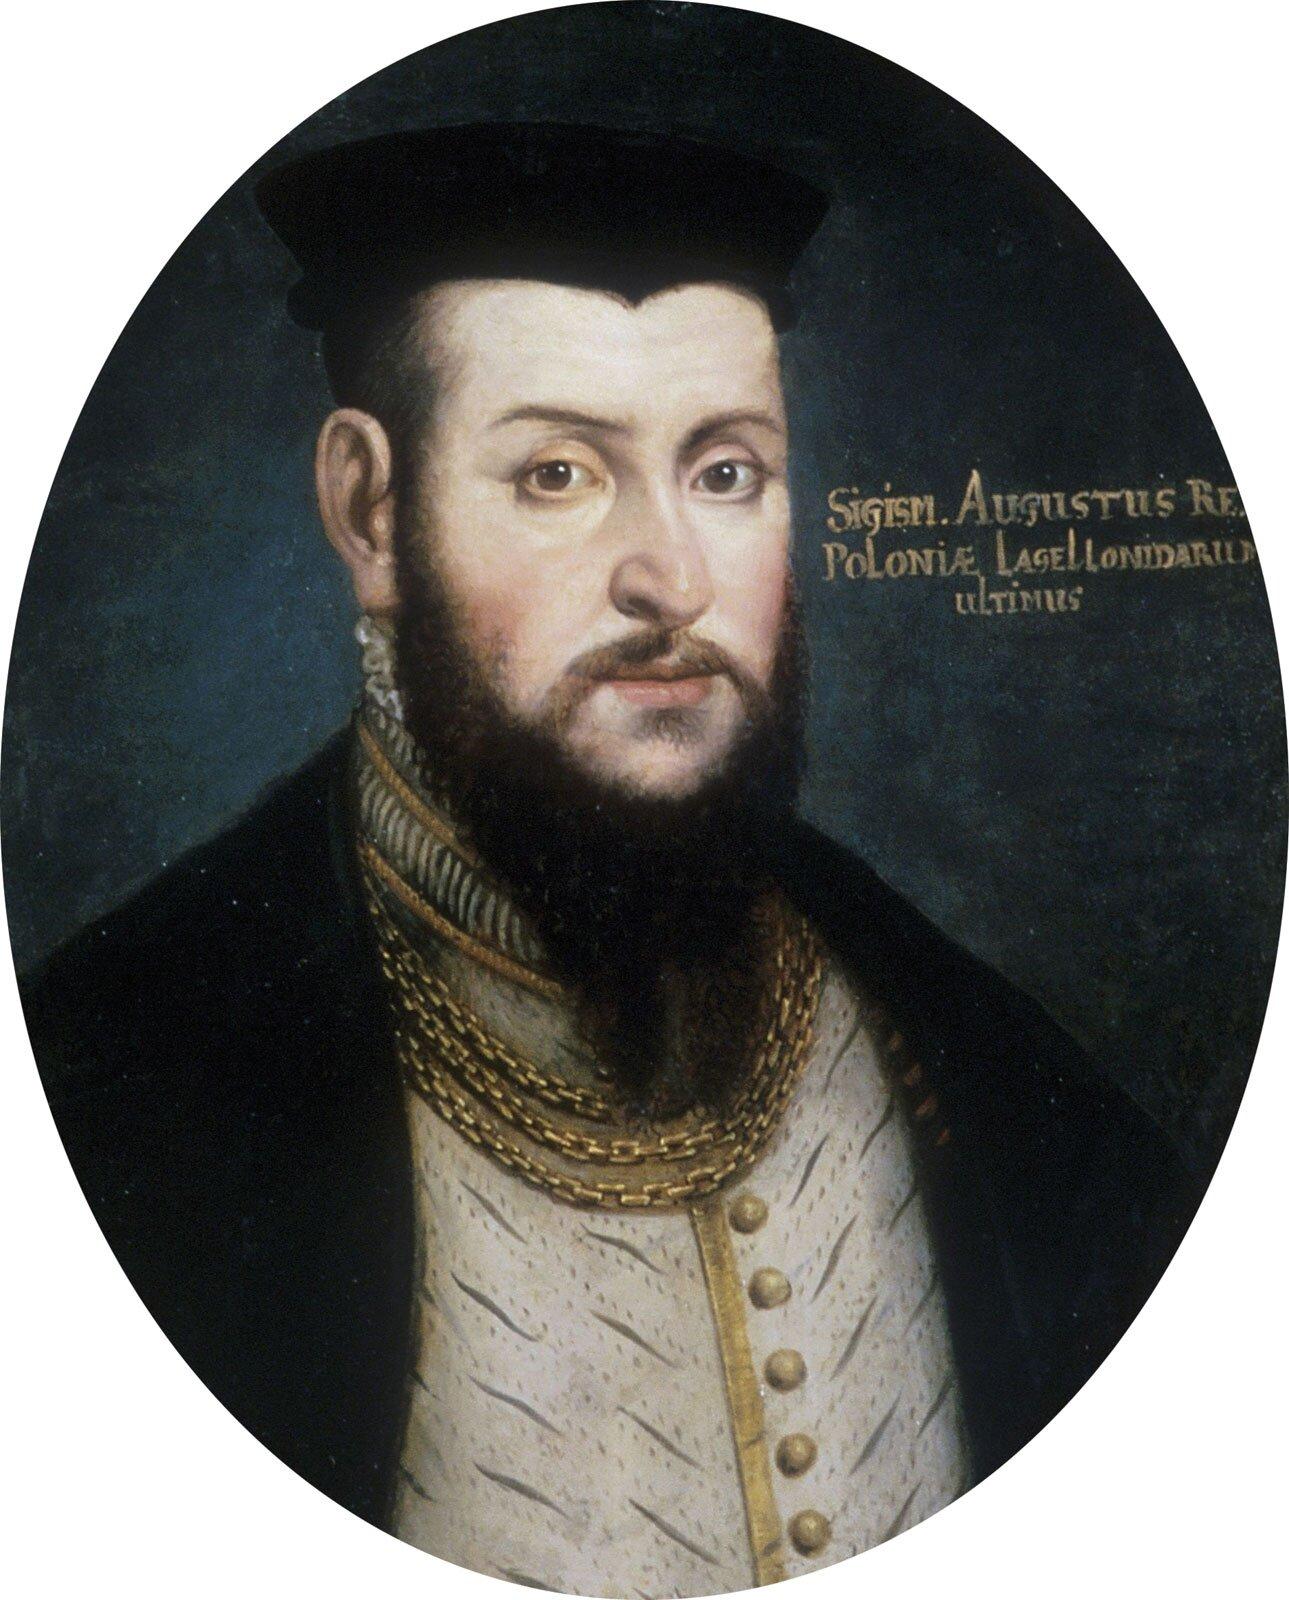 Zygmunt August. Zygmunt August, mimo że był trzykrotnie żonaty, nie pozostawił męskiego potomka. Był ostatnim królem zdynastii Jagiellonów Źródło: Zygmunt August., przed rokiem 1554, olej na miedzi.